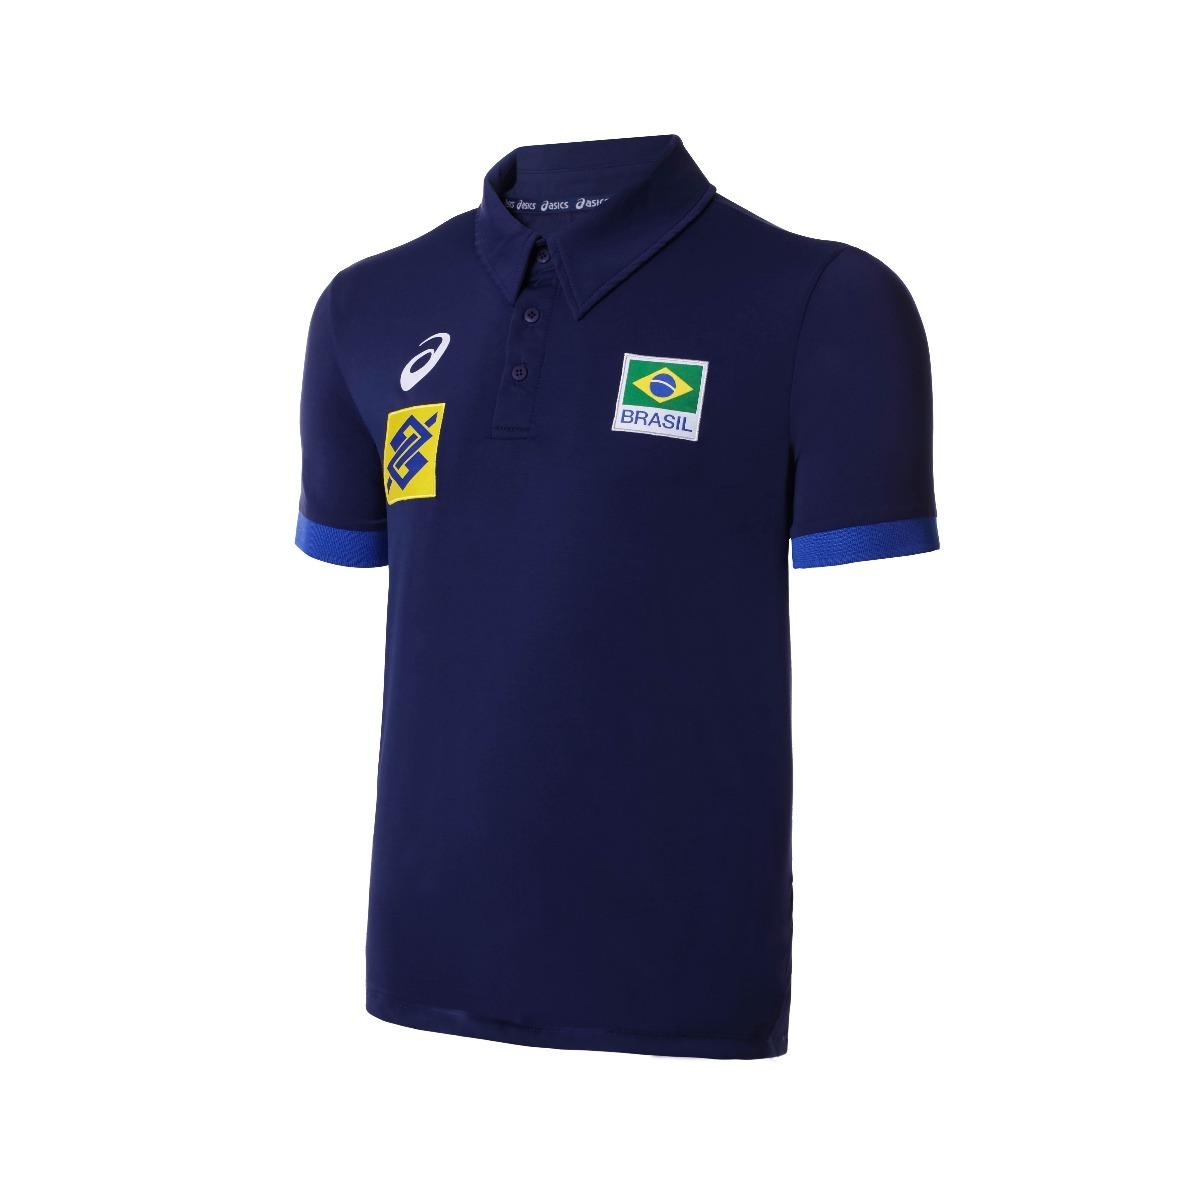 camisa polo seleção brasileira volei cbv - asics oficial. Carregando zoom. 00b84bb36cbed